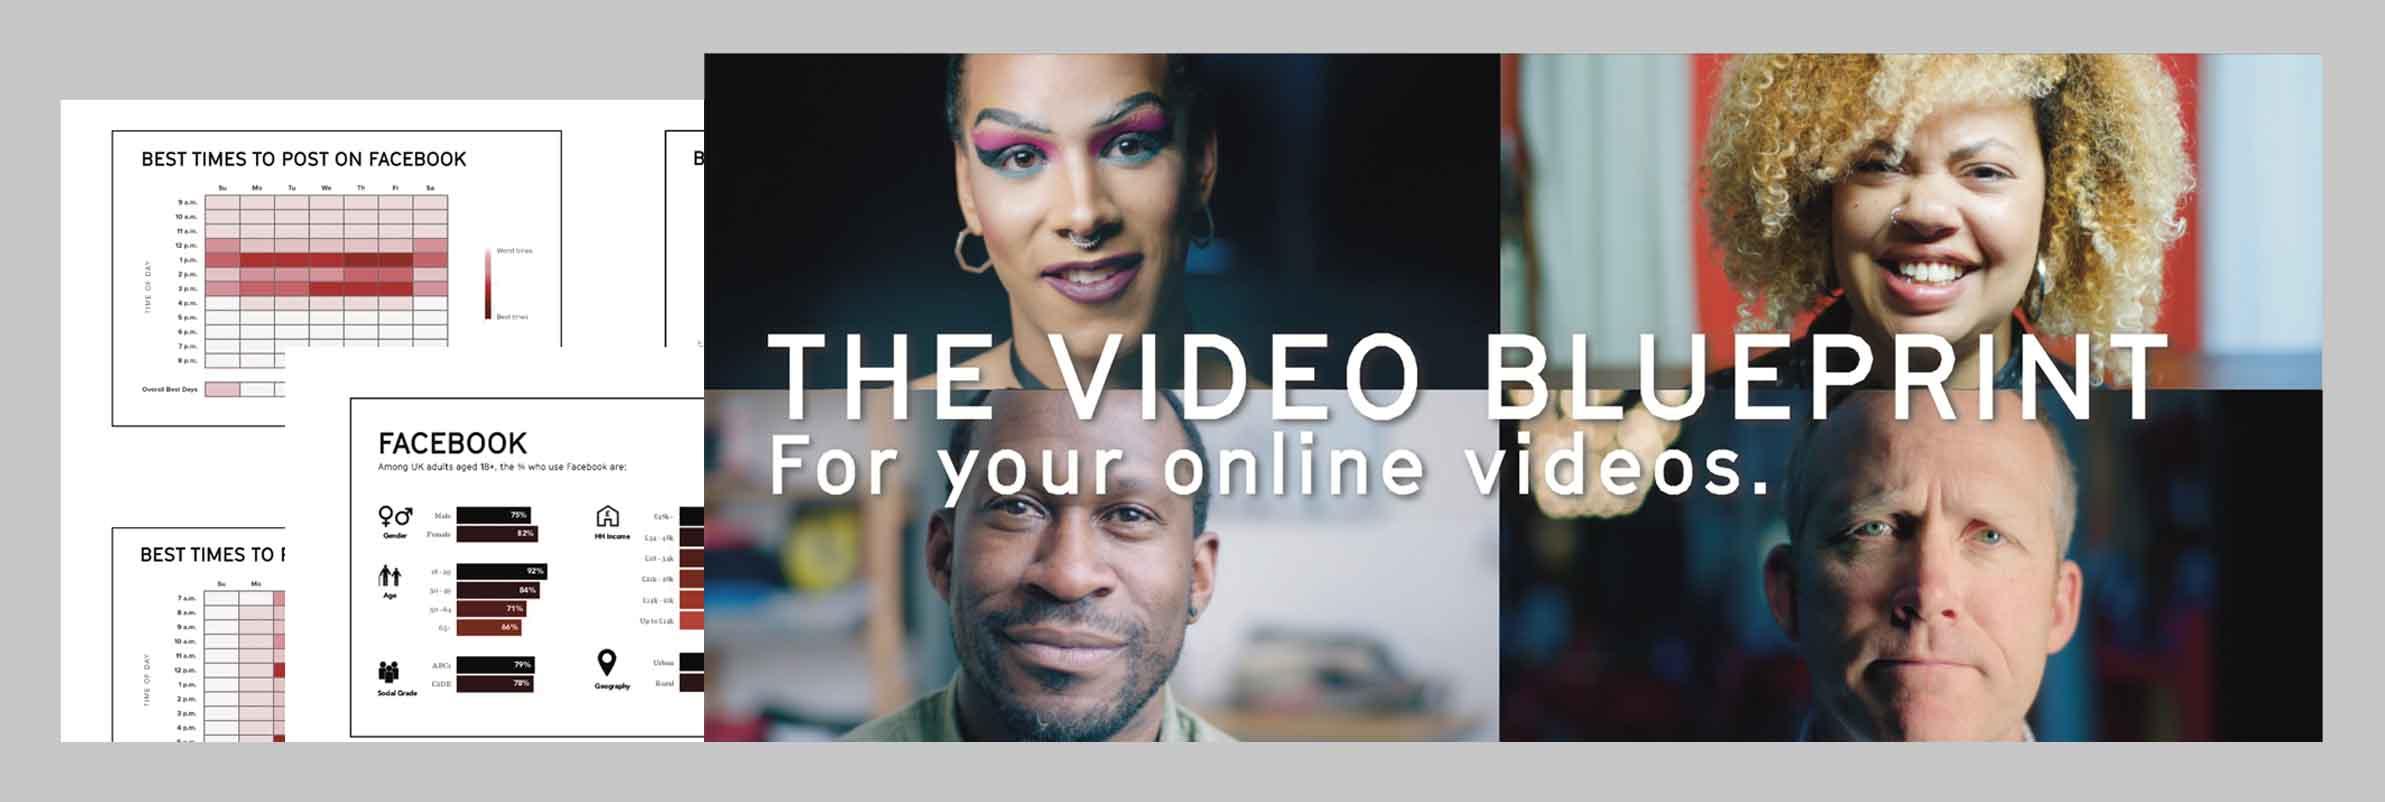 Video Blueprint Preview 3.jpg